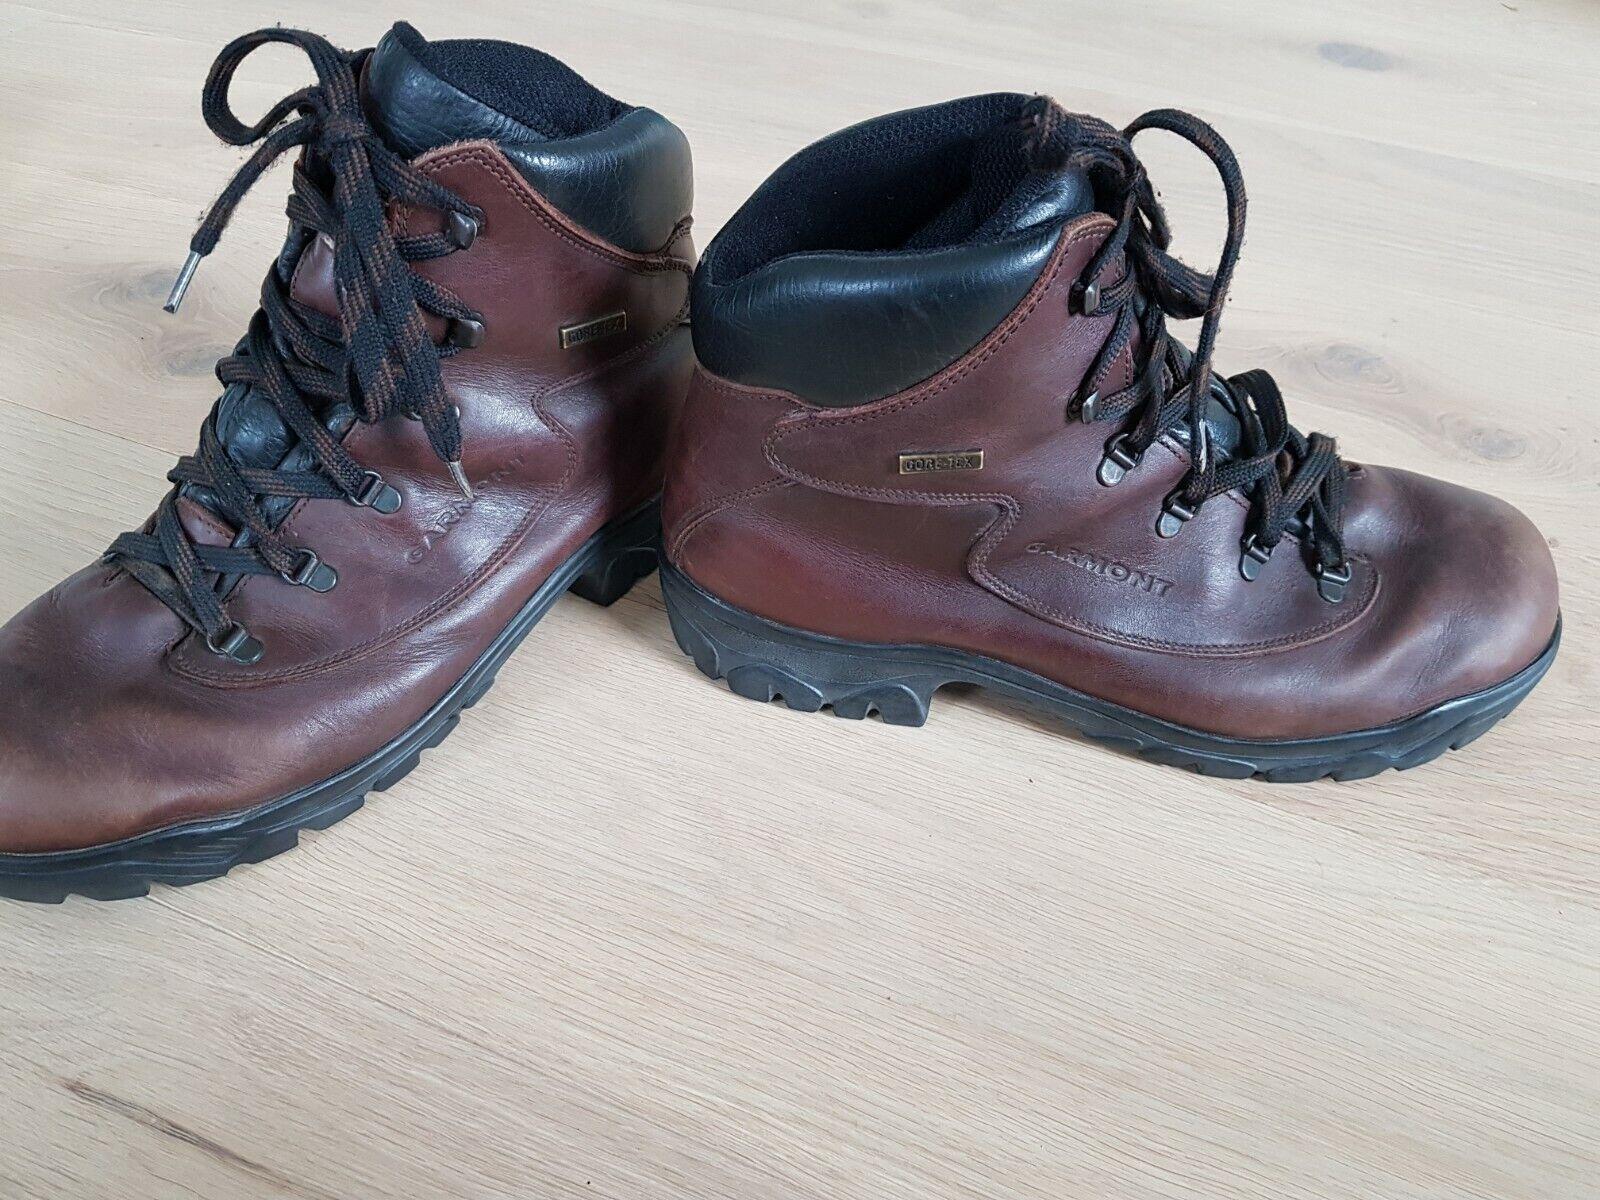 Größe Gore Tex Stiefel Trekking Leather schuhe Hiking